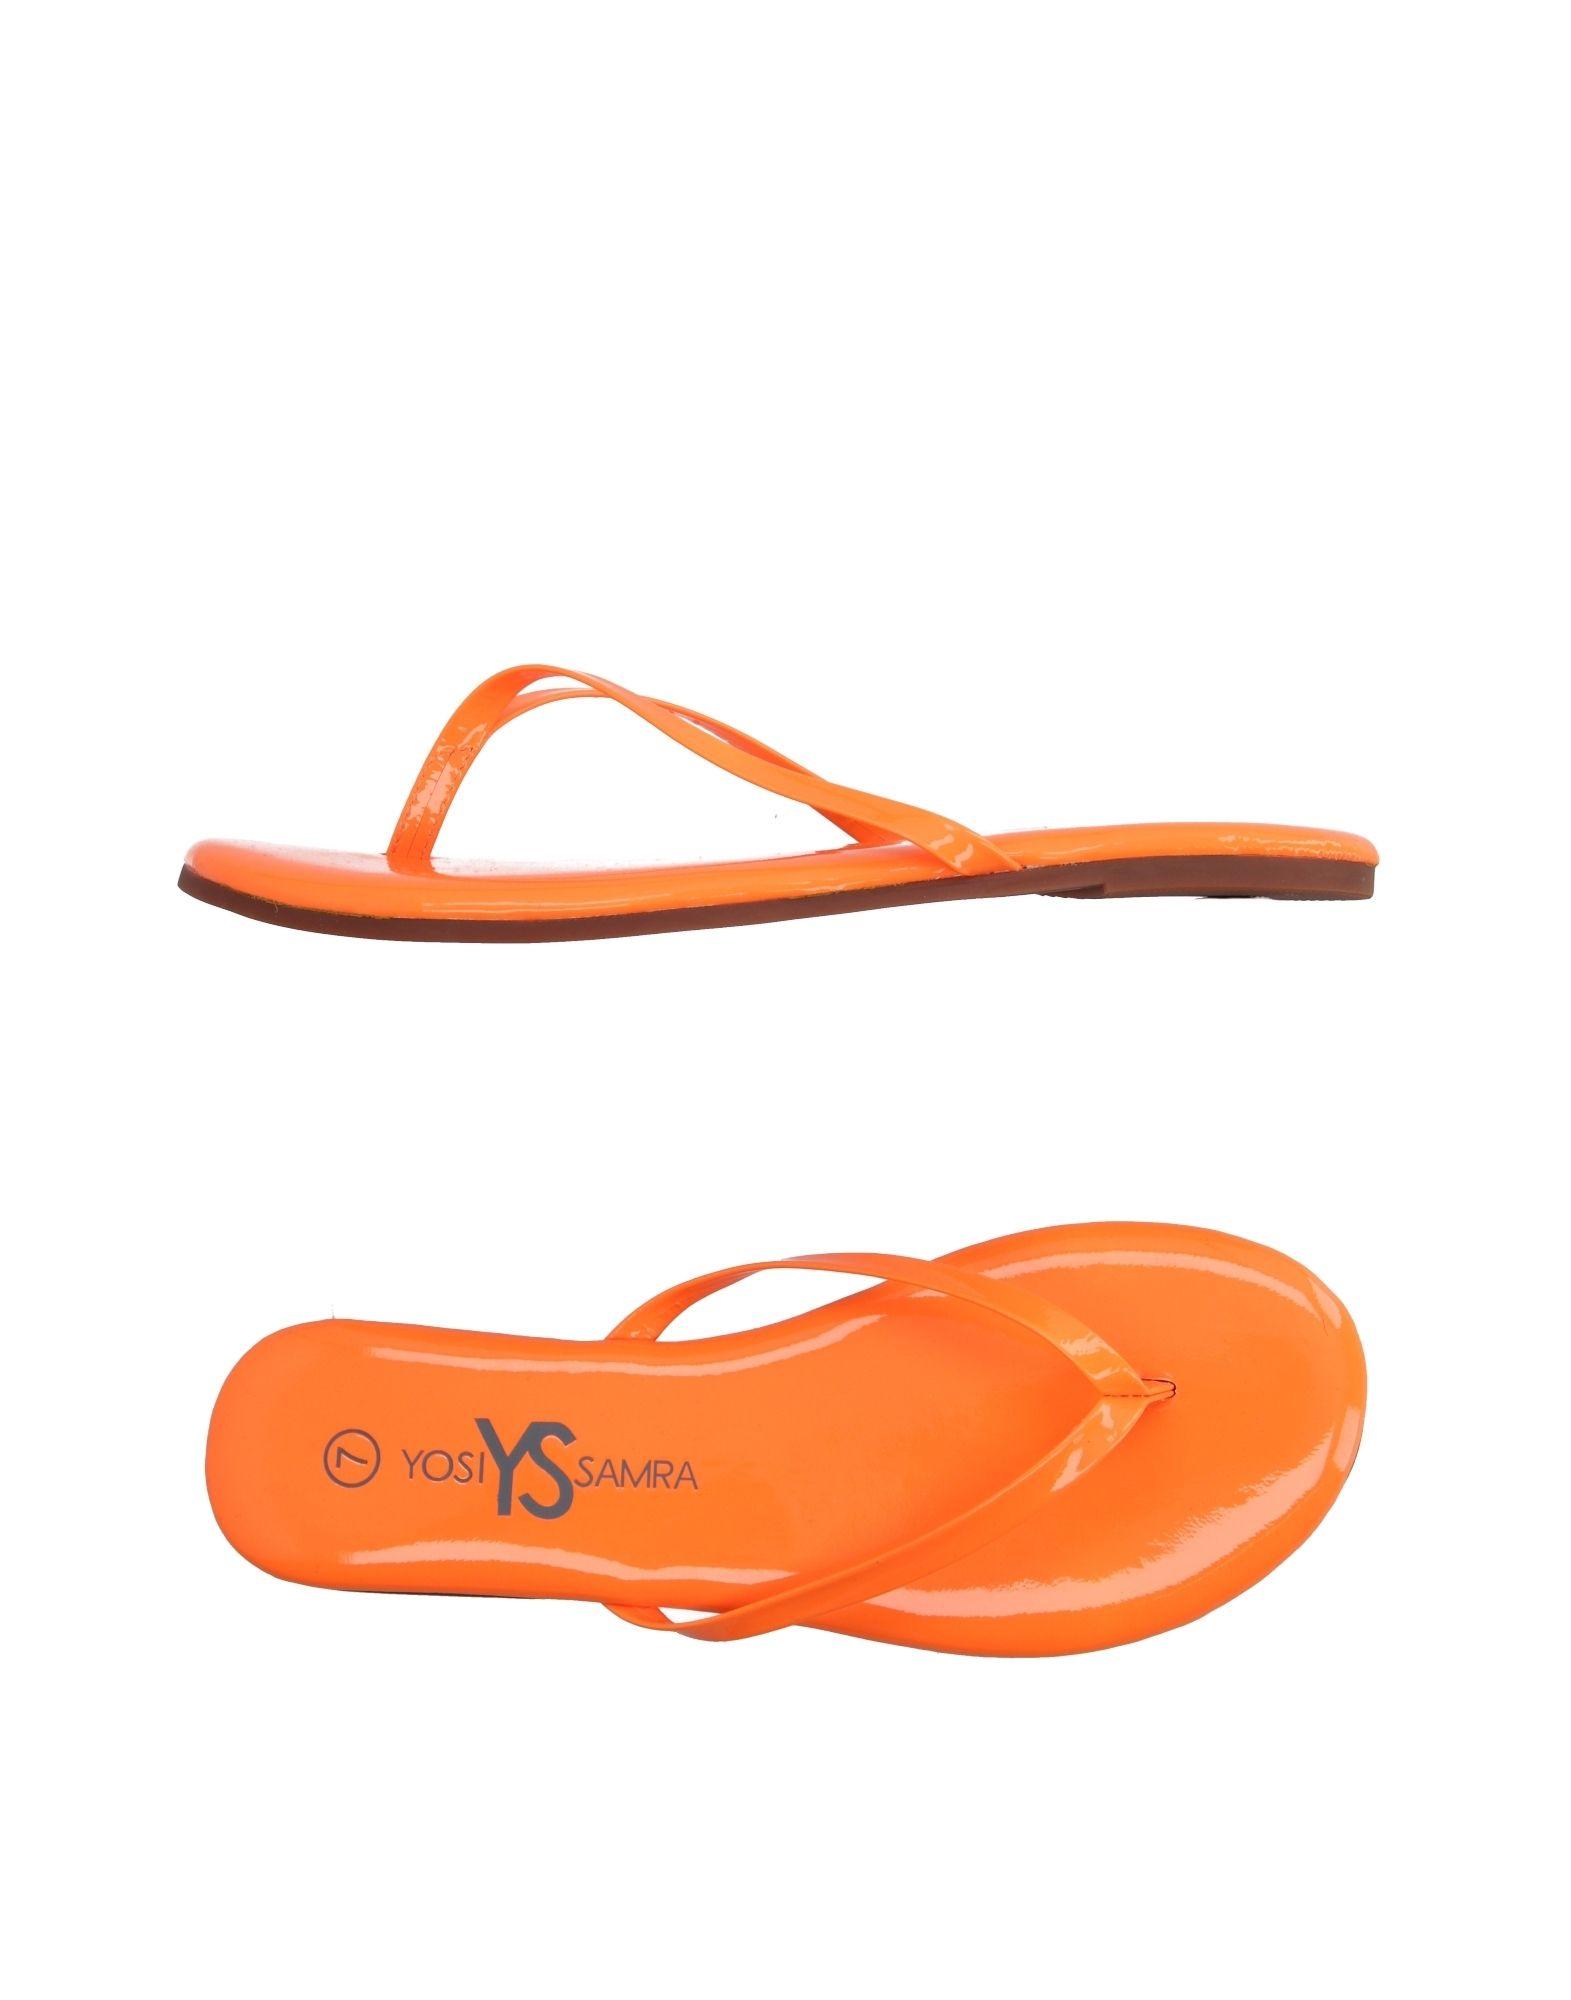 YOSI SAMRA レディース トングサンダル オレンジ 6 紡績繊維